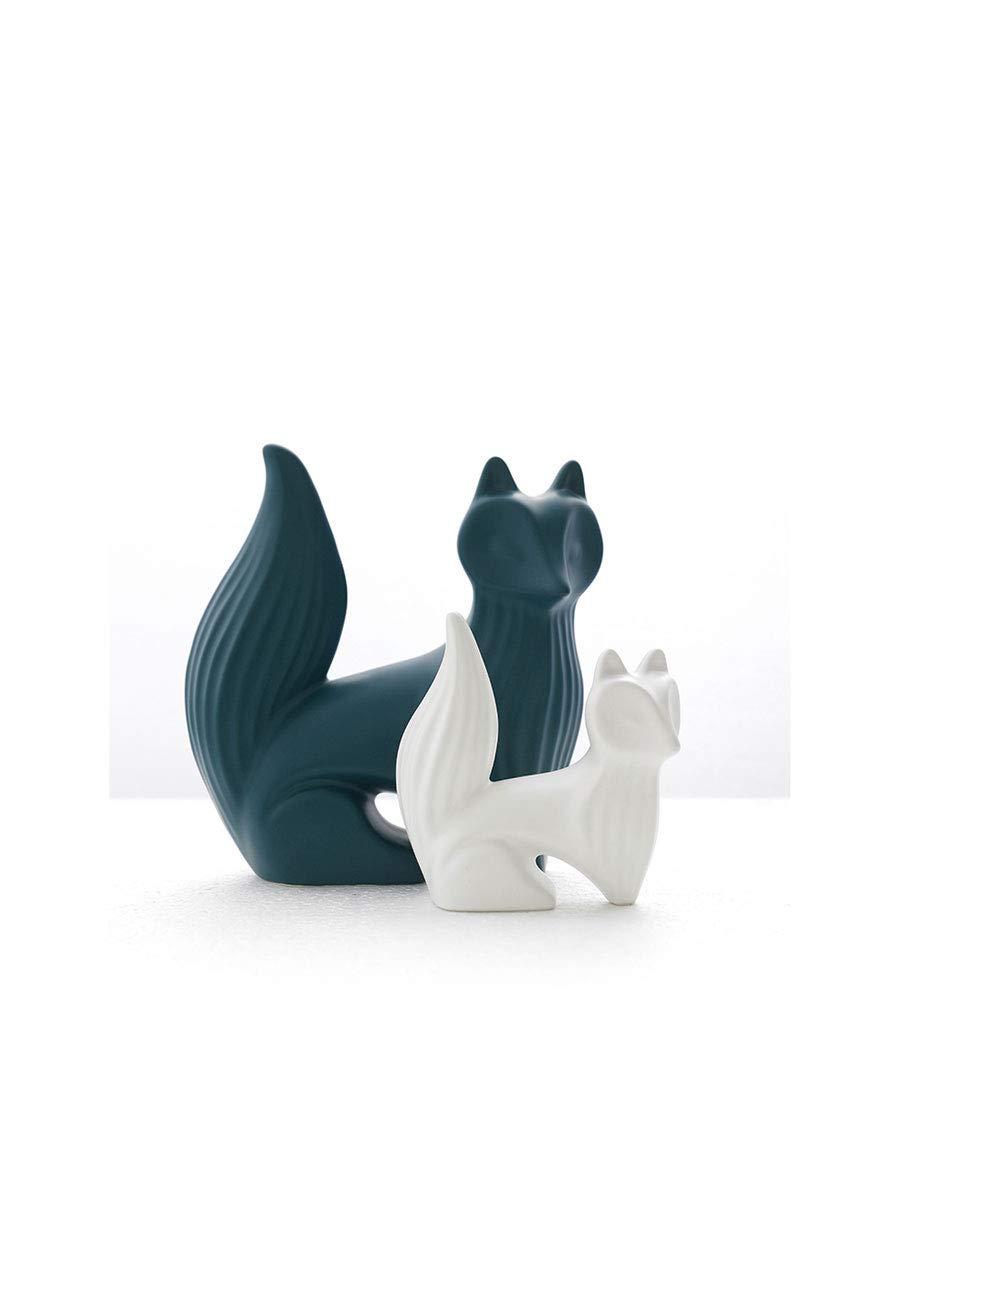 デスクトップデコレーションフォックス装飾装飾モダンミニマリストリビングルームオフィスポーチ創造的な研究動物の家具パーソナリティ   B07HQPHC84